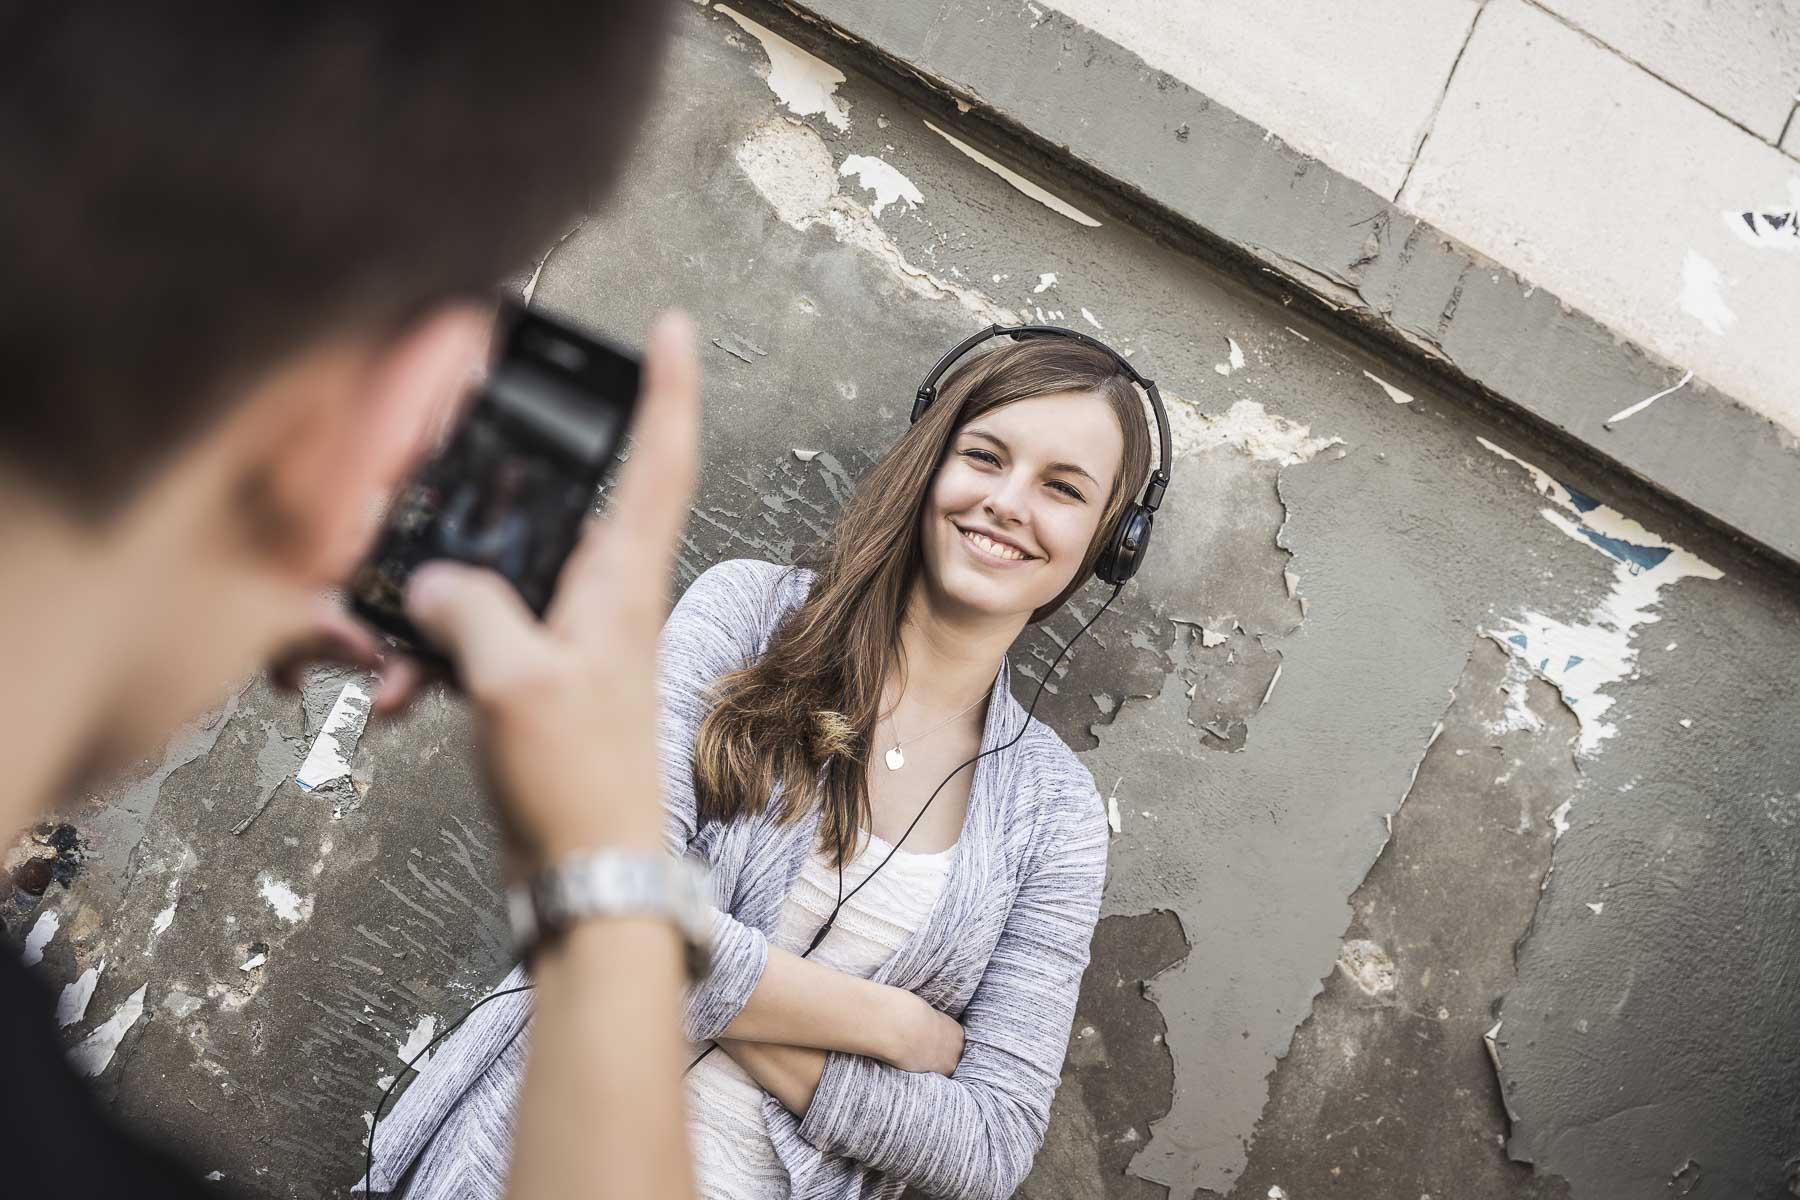 Portrait eines Teenagers mit Kopfhörer wird fotografiert. Lifestyle - Derek Henthorn - Fotograf München